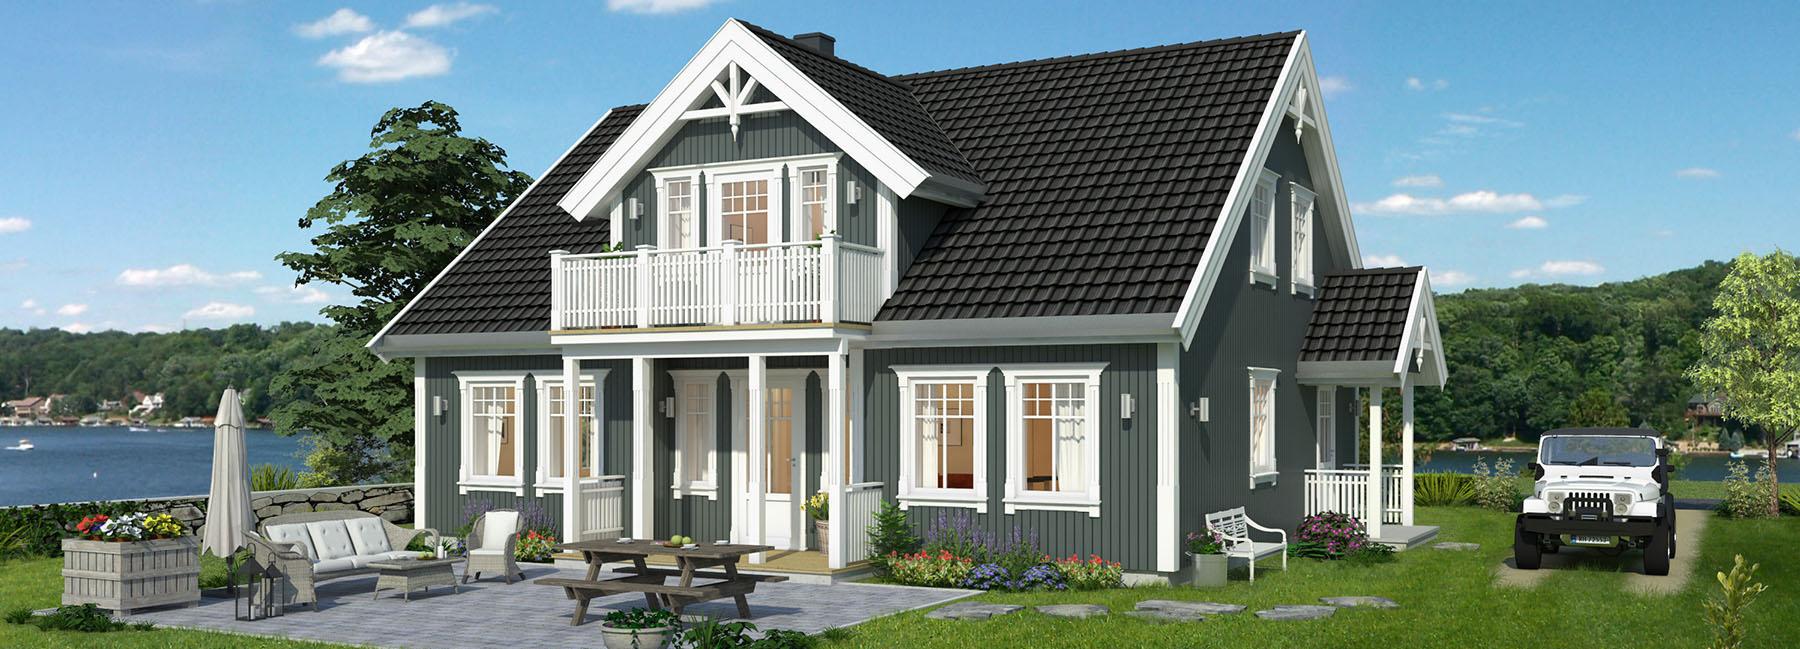 Hus 1 Norge - bygge nytt hus